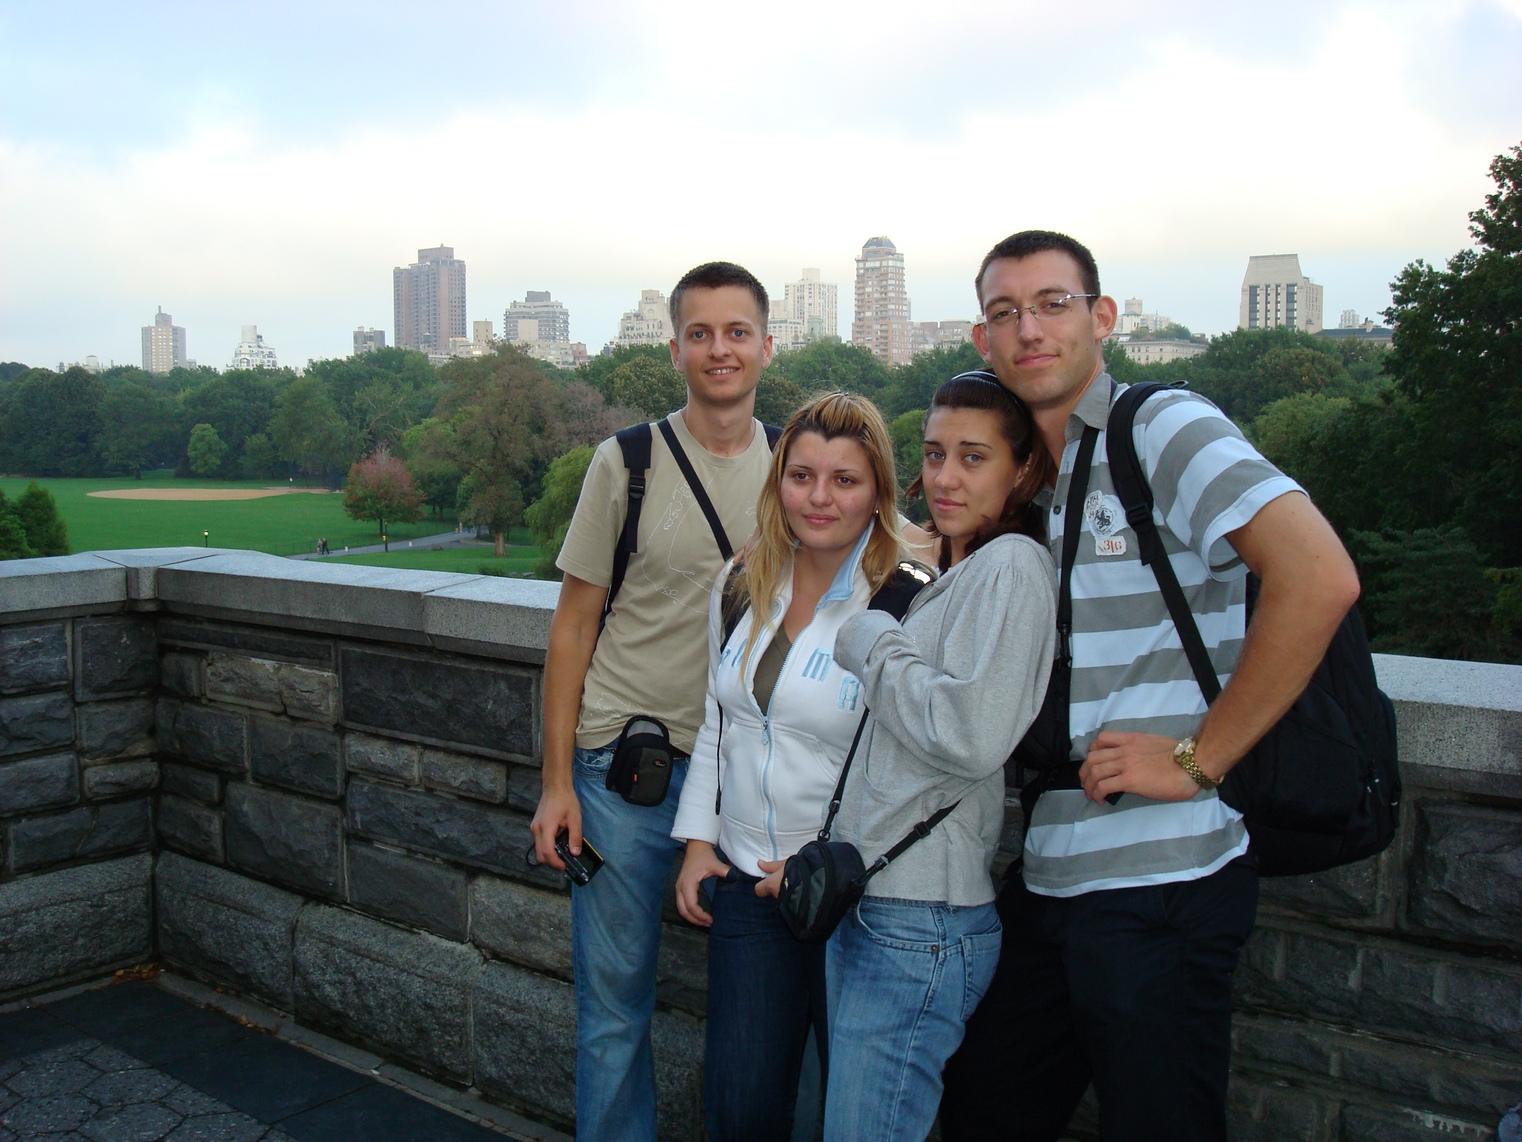 New York City, Central Park, the Group, Manhattan Skyline